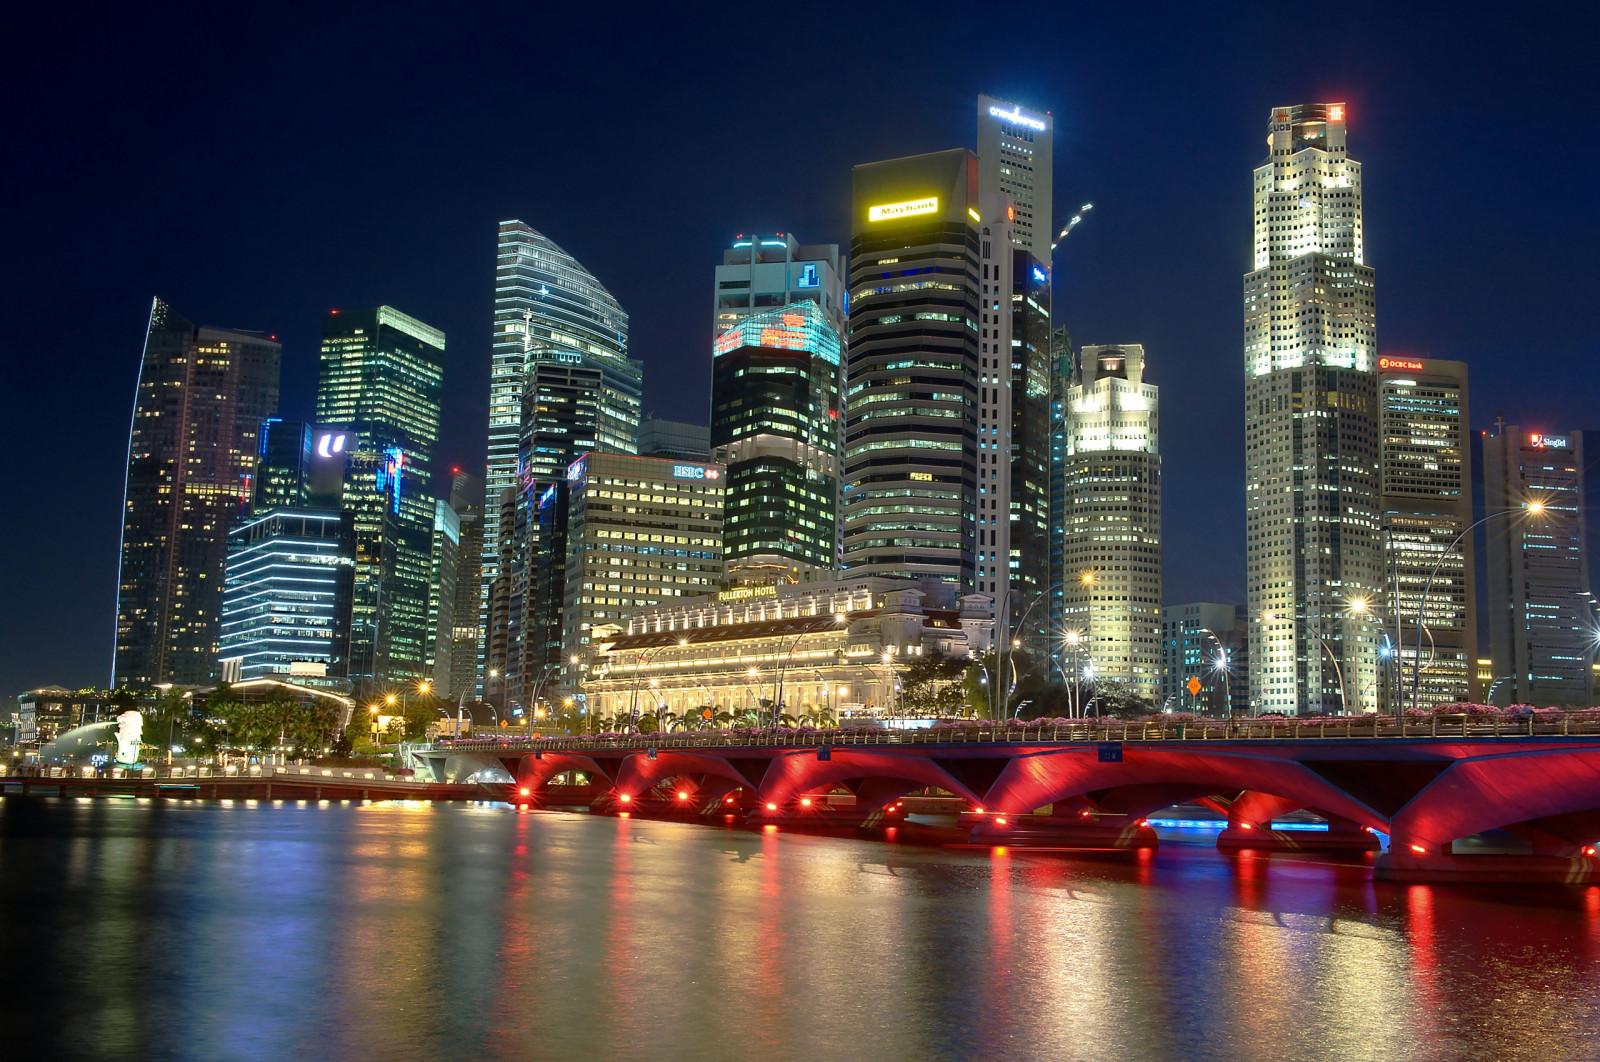 Картинки, сингапур картинки в хорошем качестве